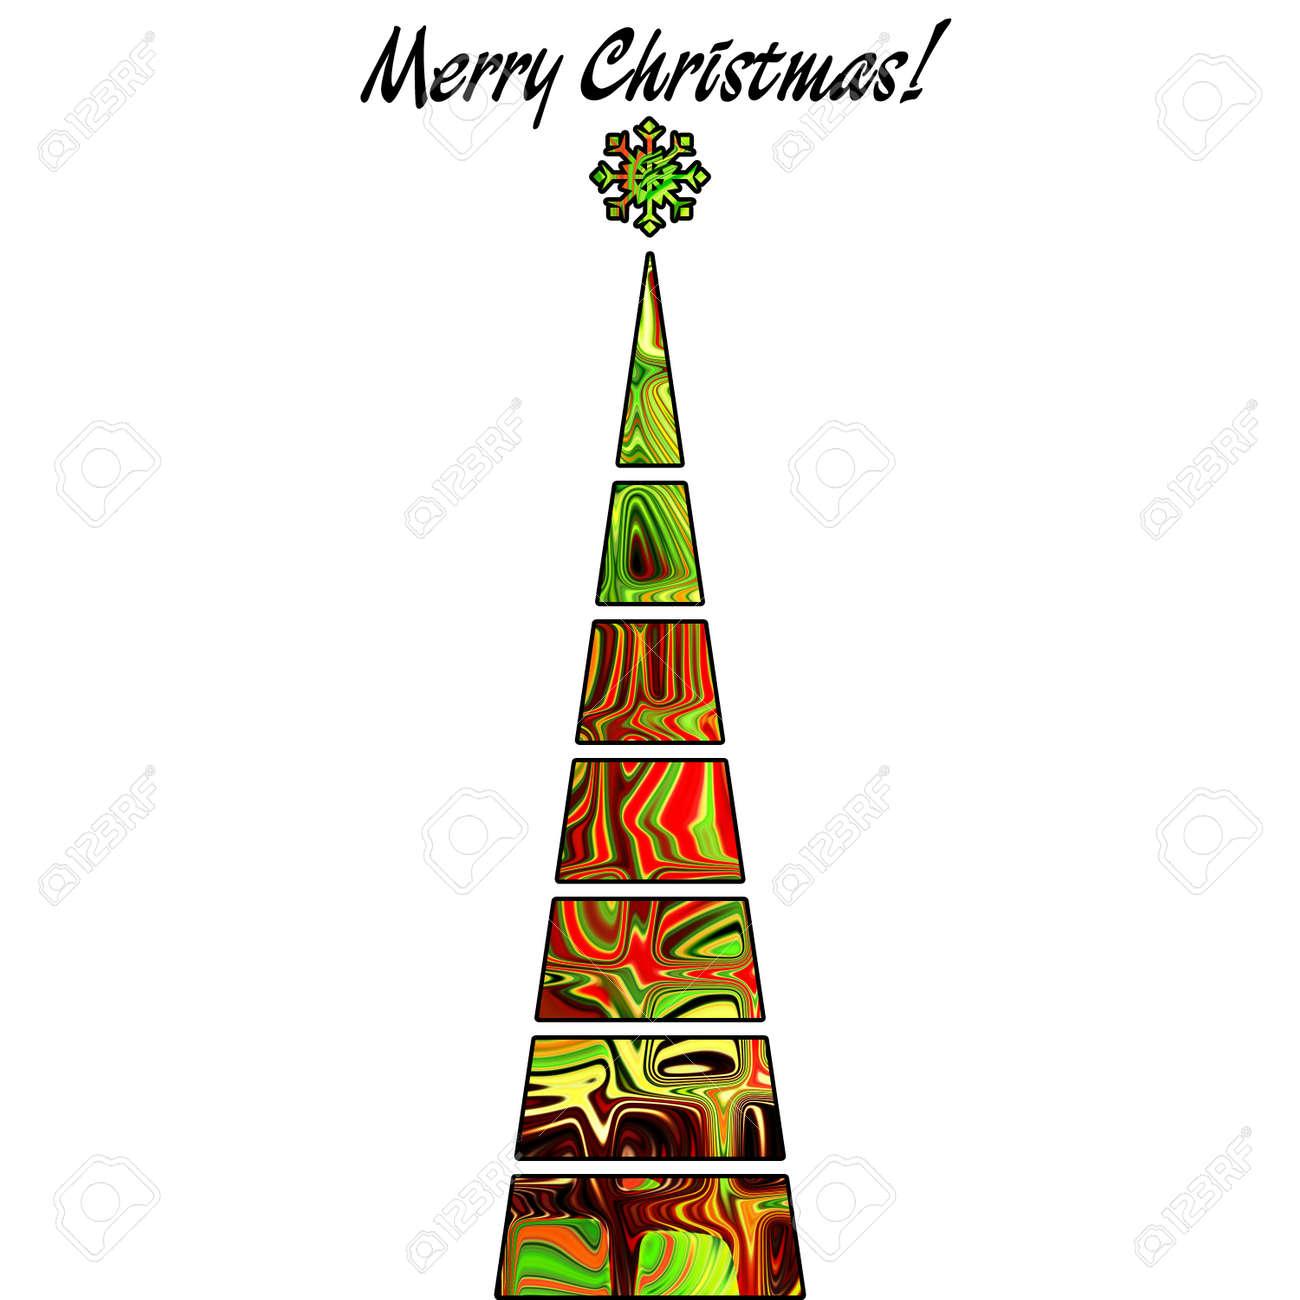 Abstract Art Christmas Tree